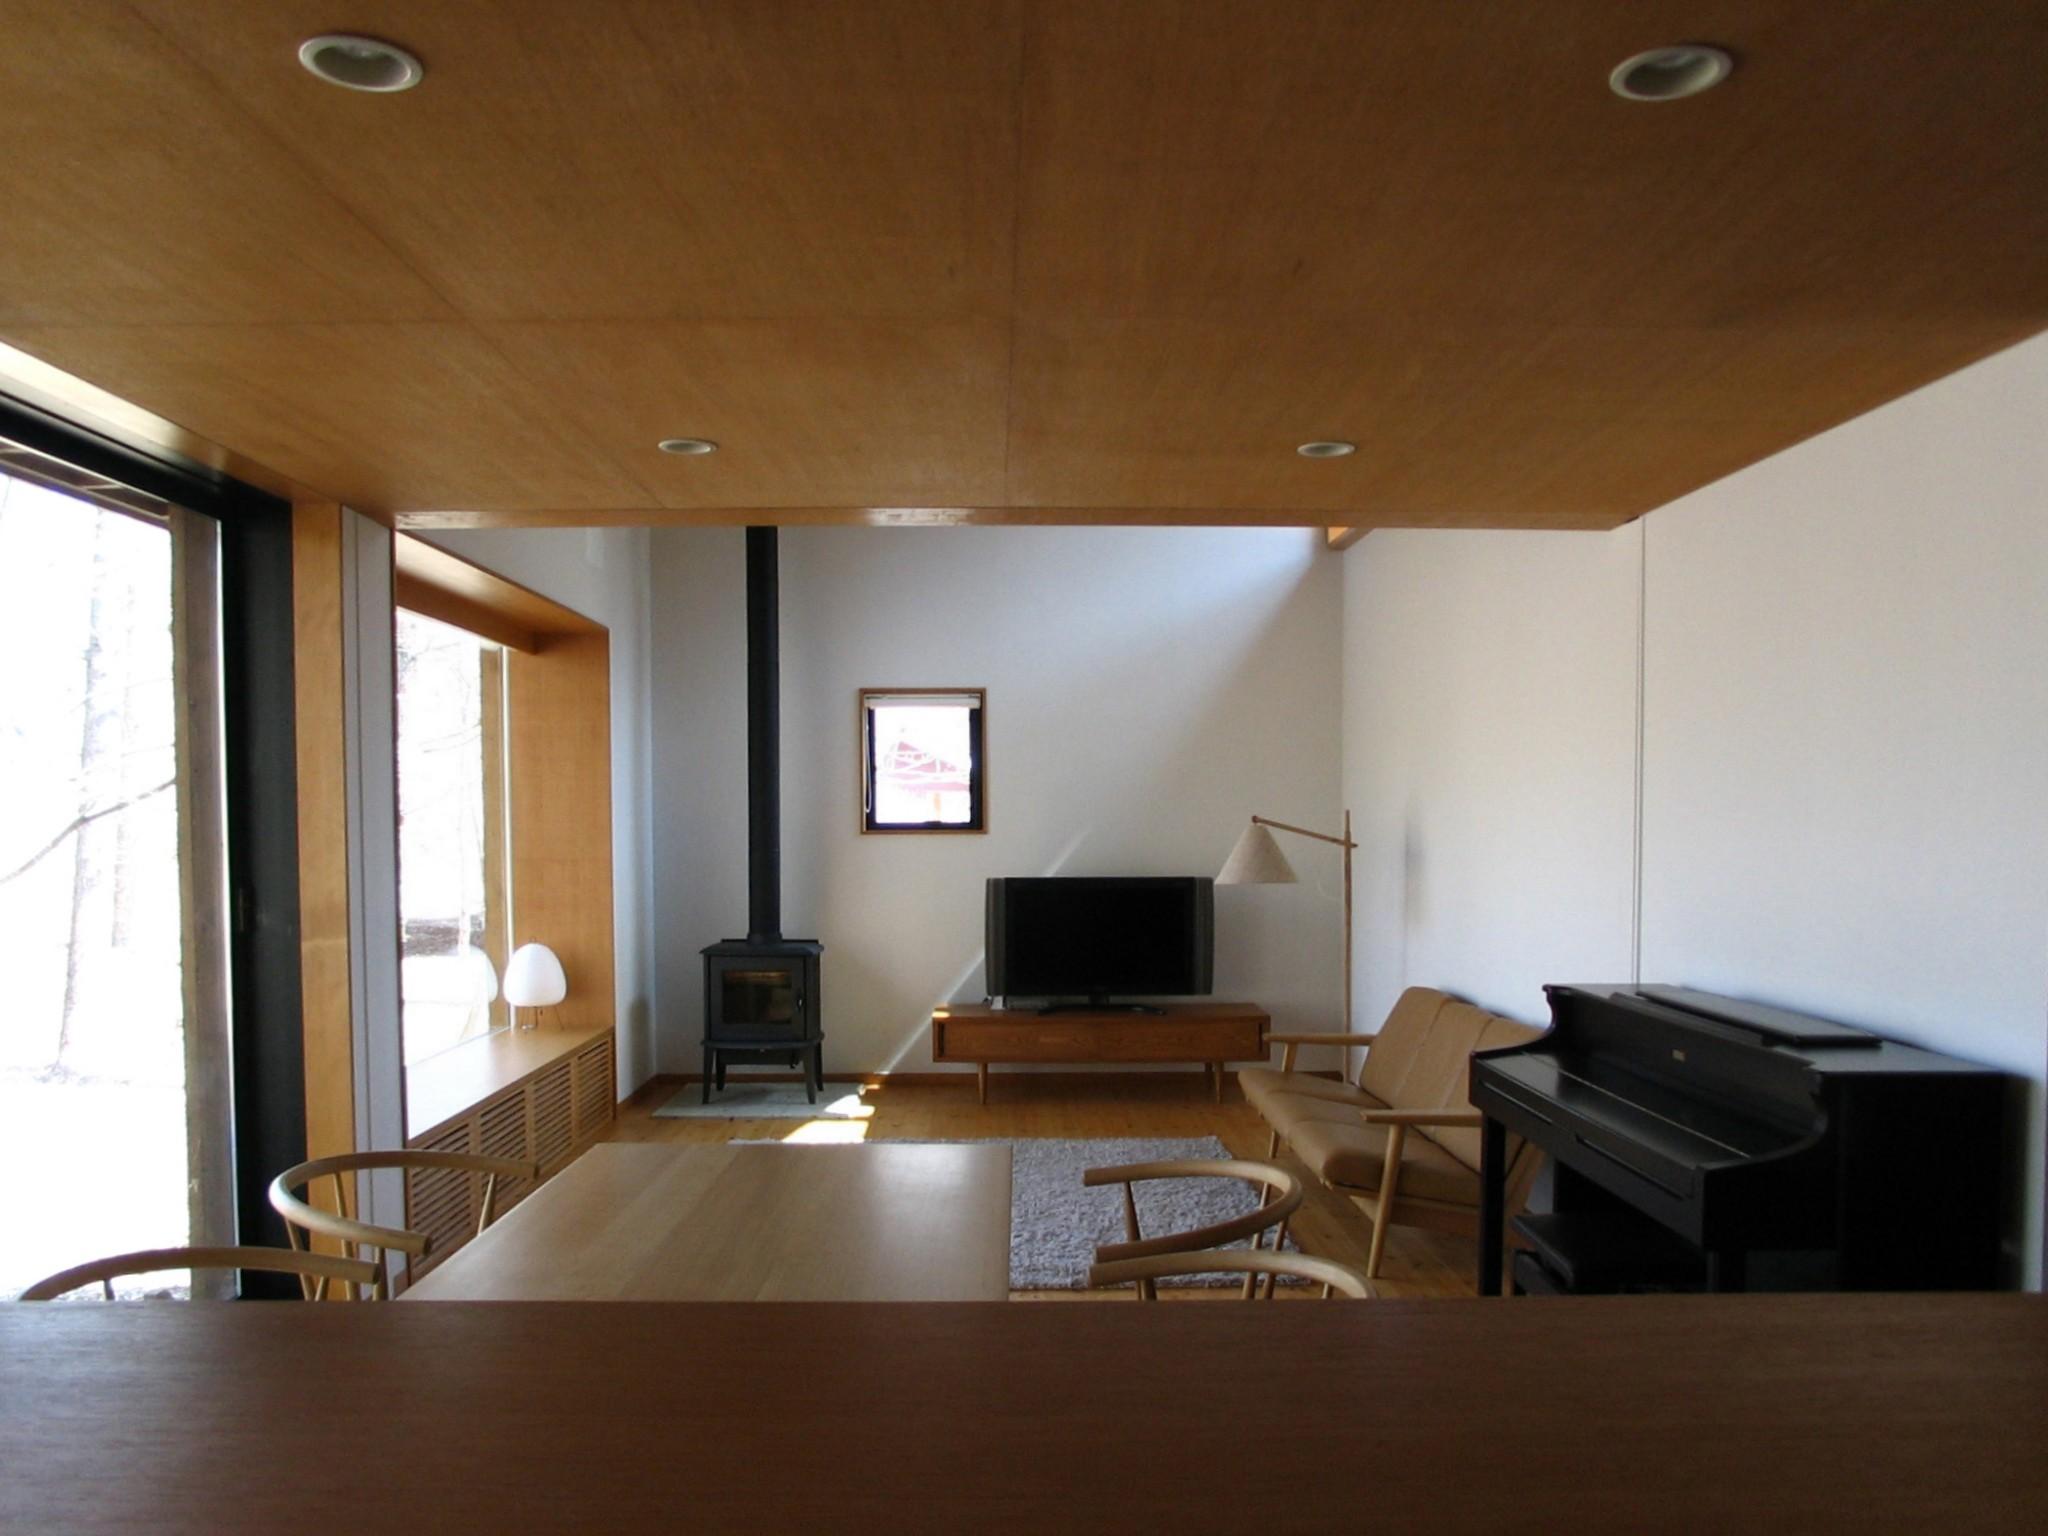 リビングダイニング事例:リビングダイニングキッチン(軽井沢の家~木々を一切切らずそのままの敷地を生かし、そこにそっと置いてあげたような住宅~)